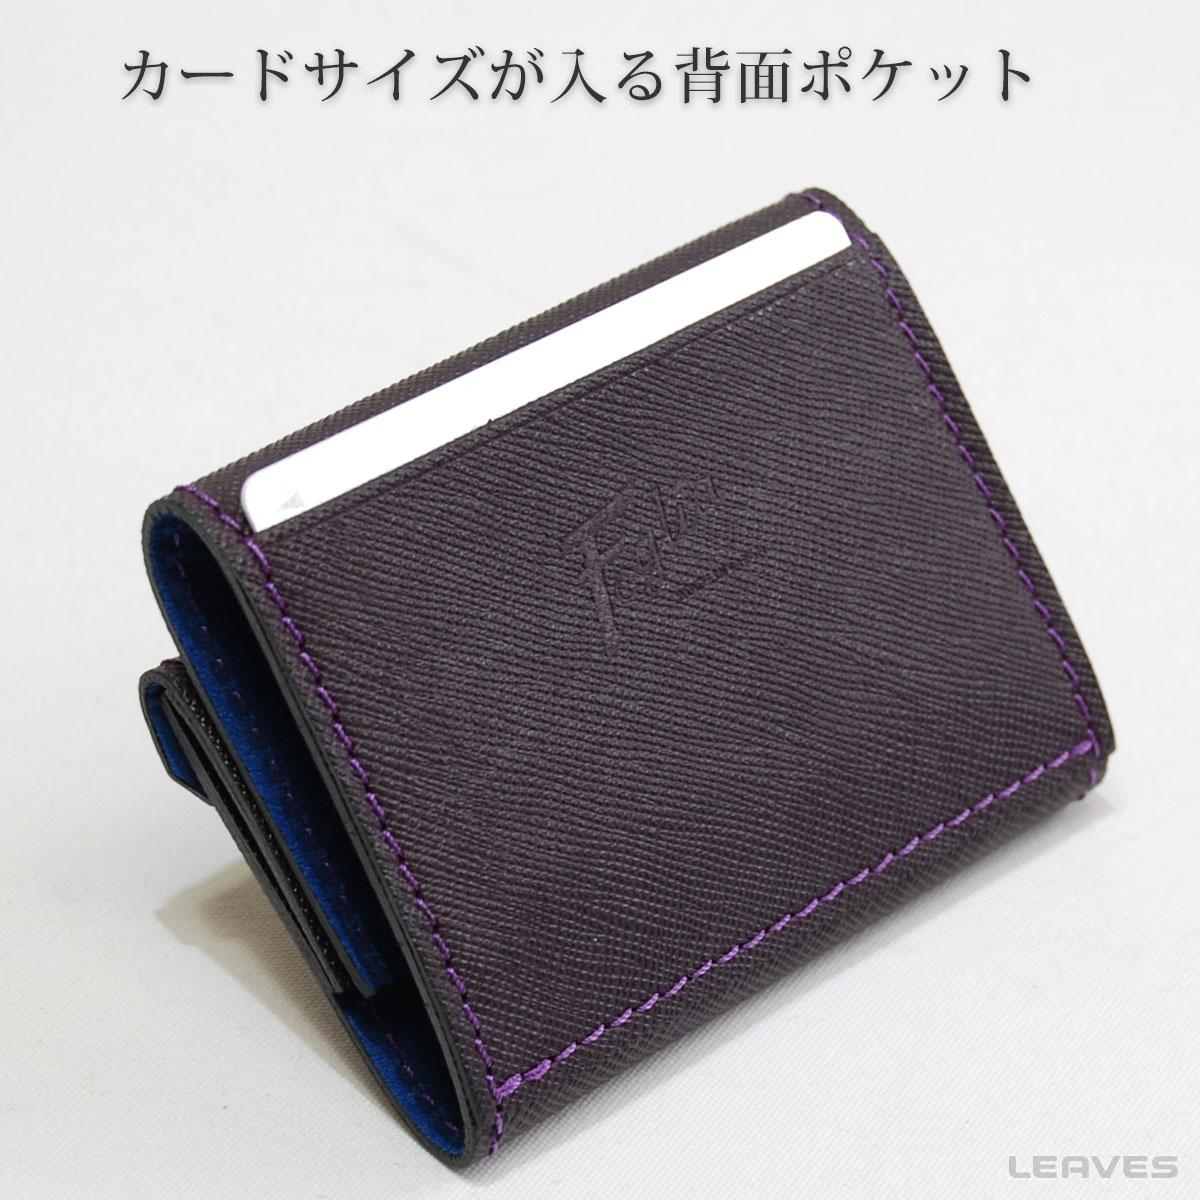 フォーリア三つ折りコンパクト財布